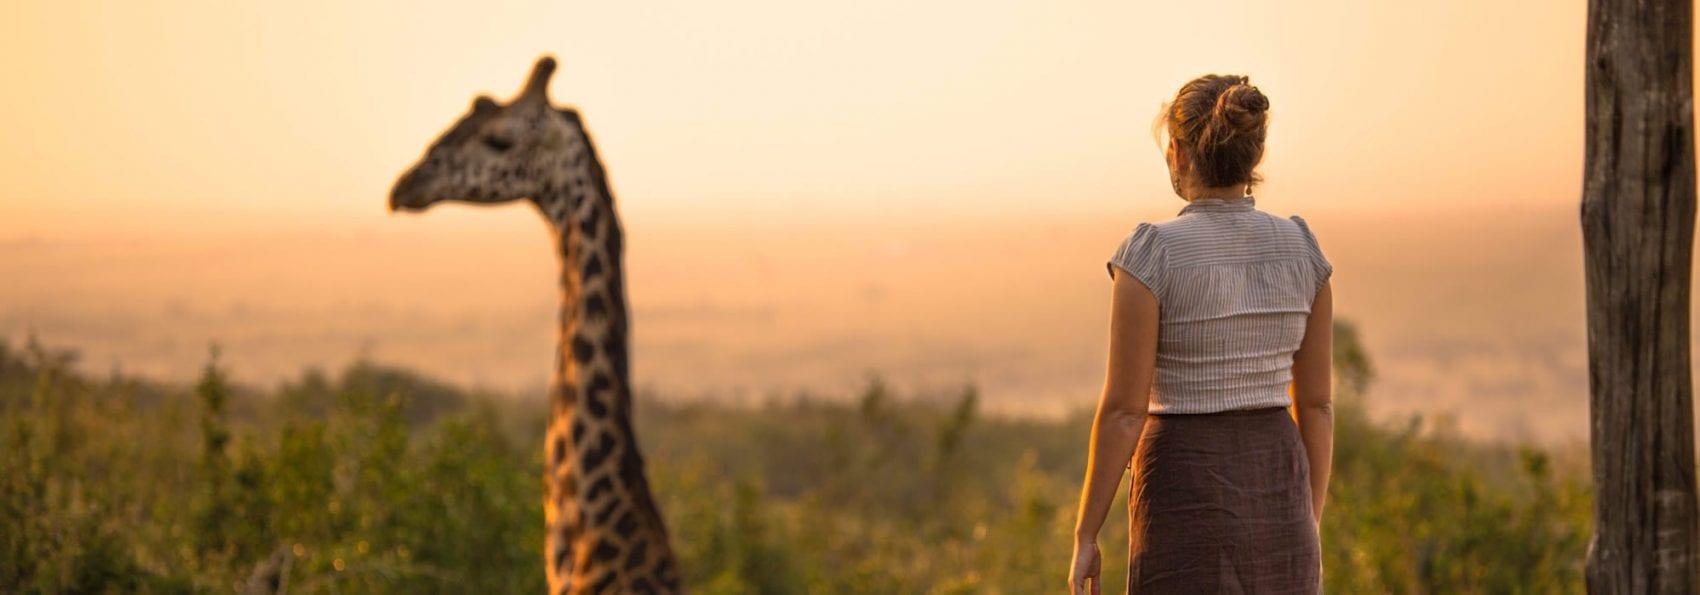 Romance en Afrique